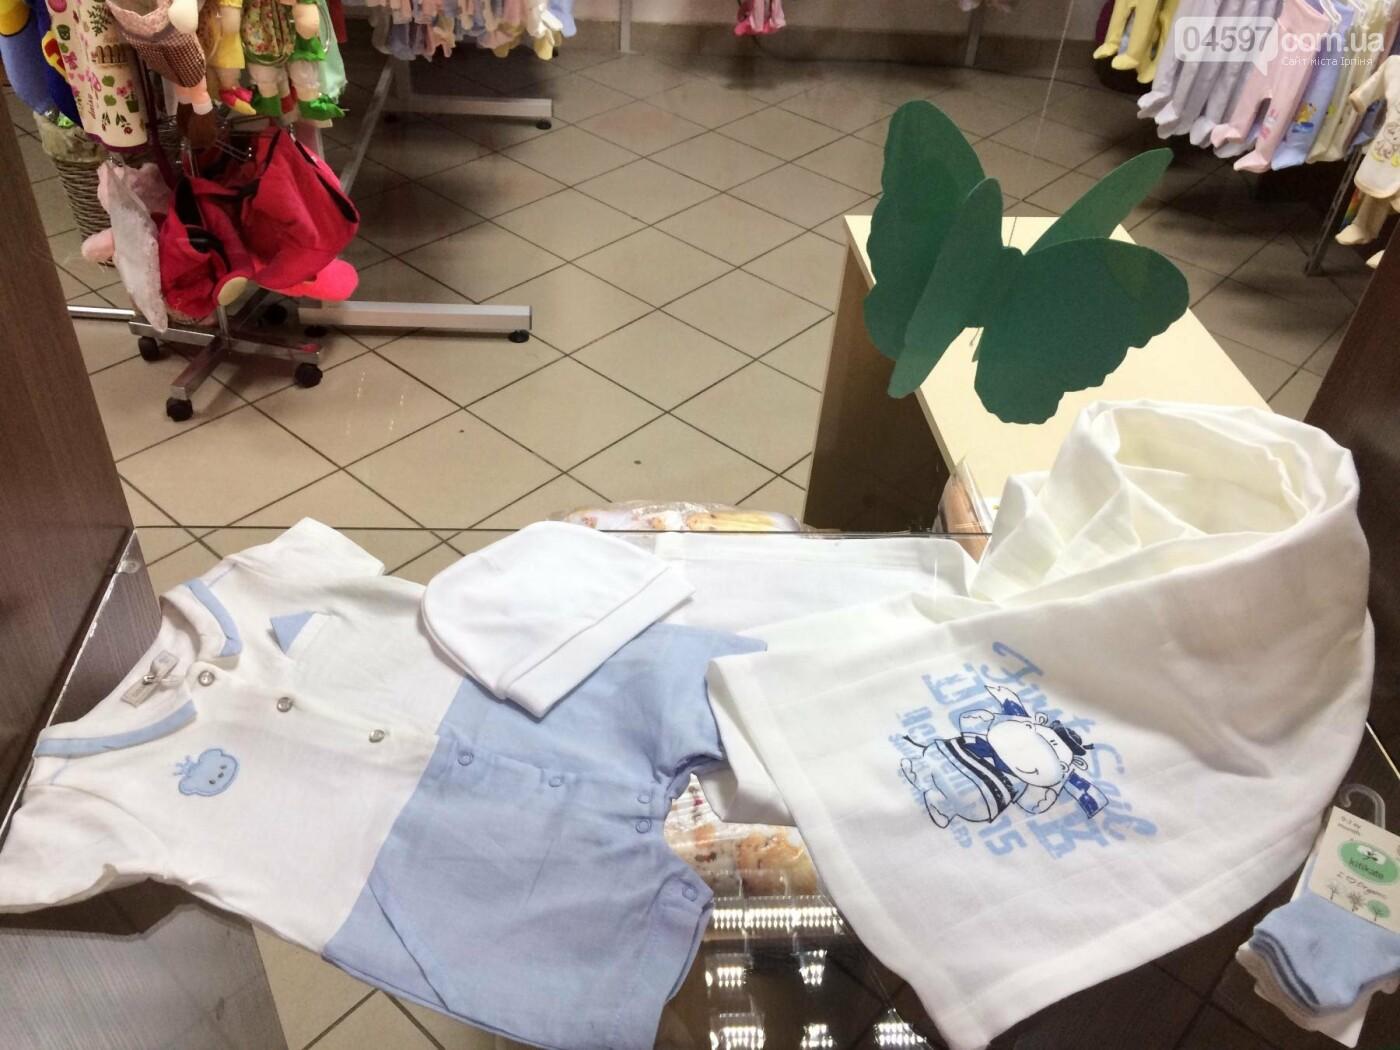 Де купити дитячий одяг в Ірпені: асортимент та ціни, фото-66